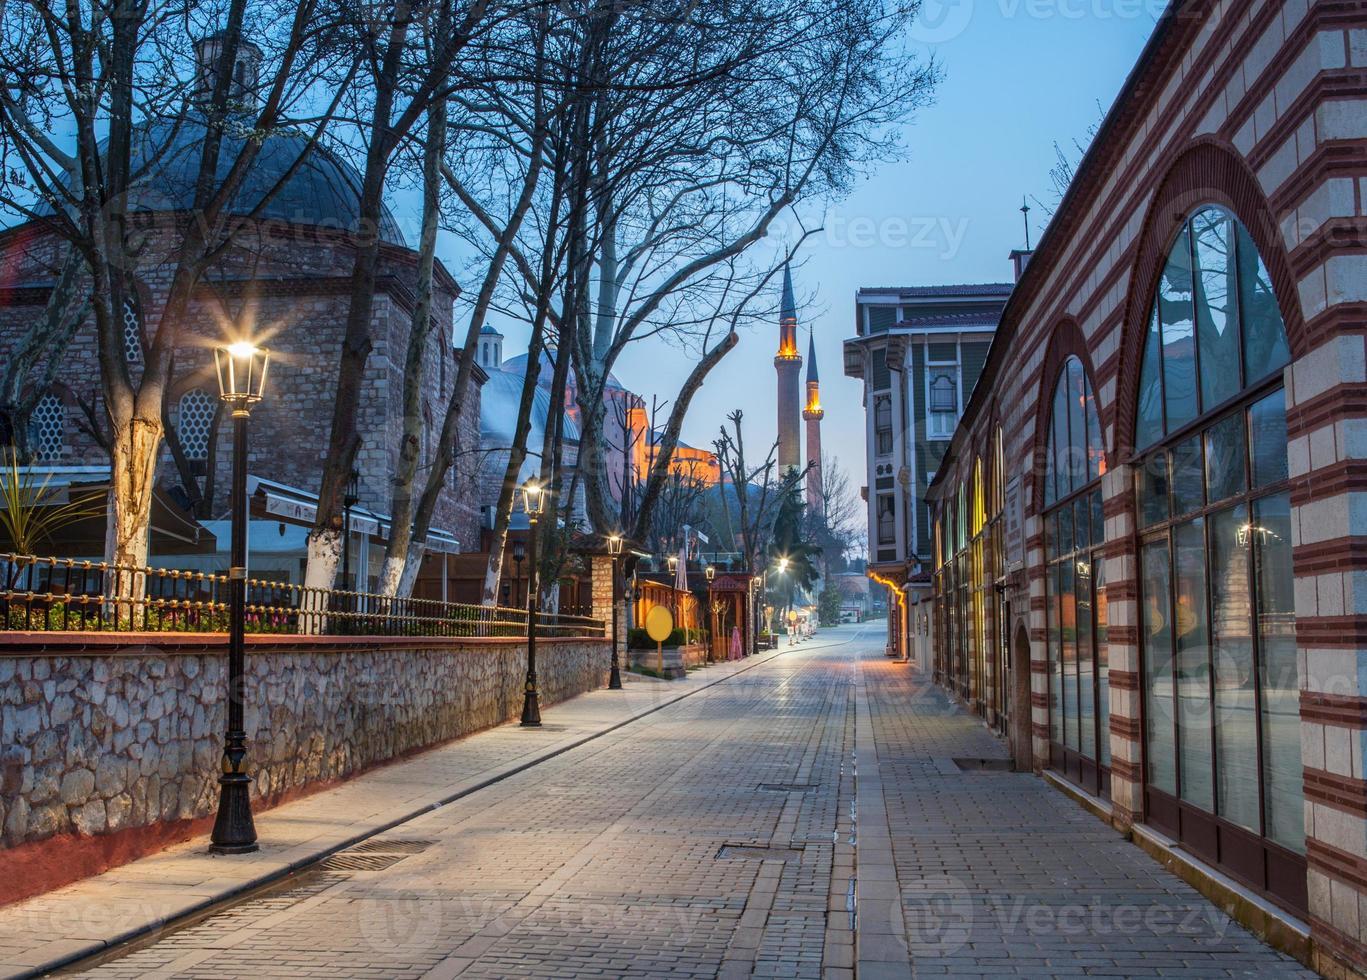 rue de nuit menant à la mosquée photo